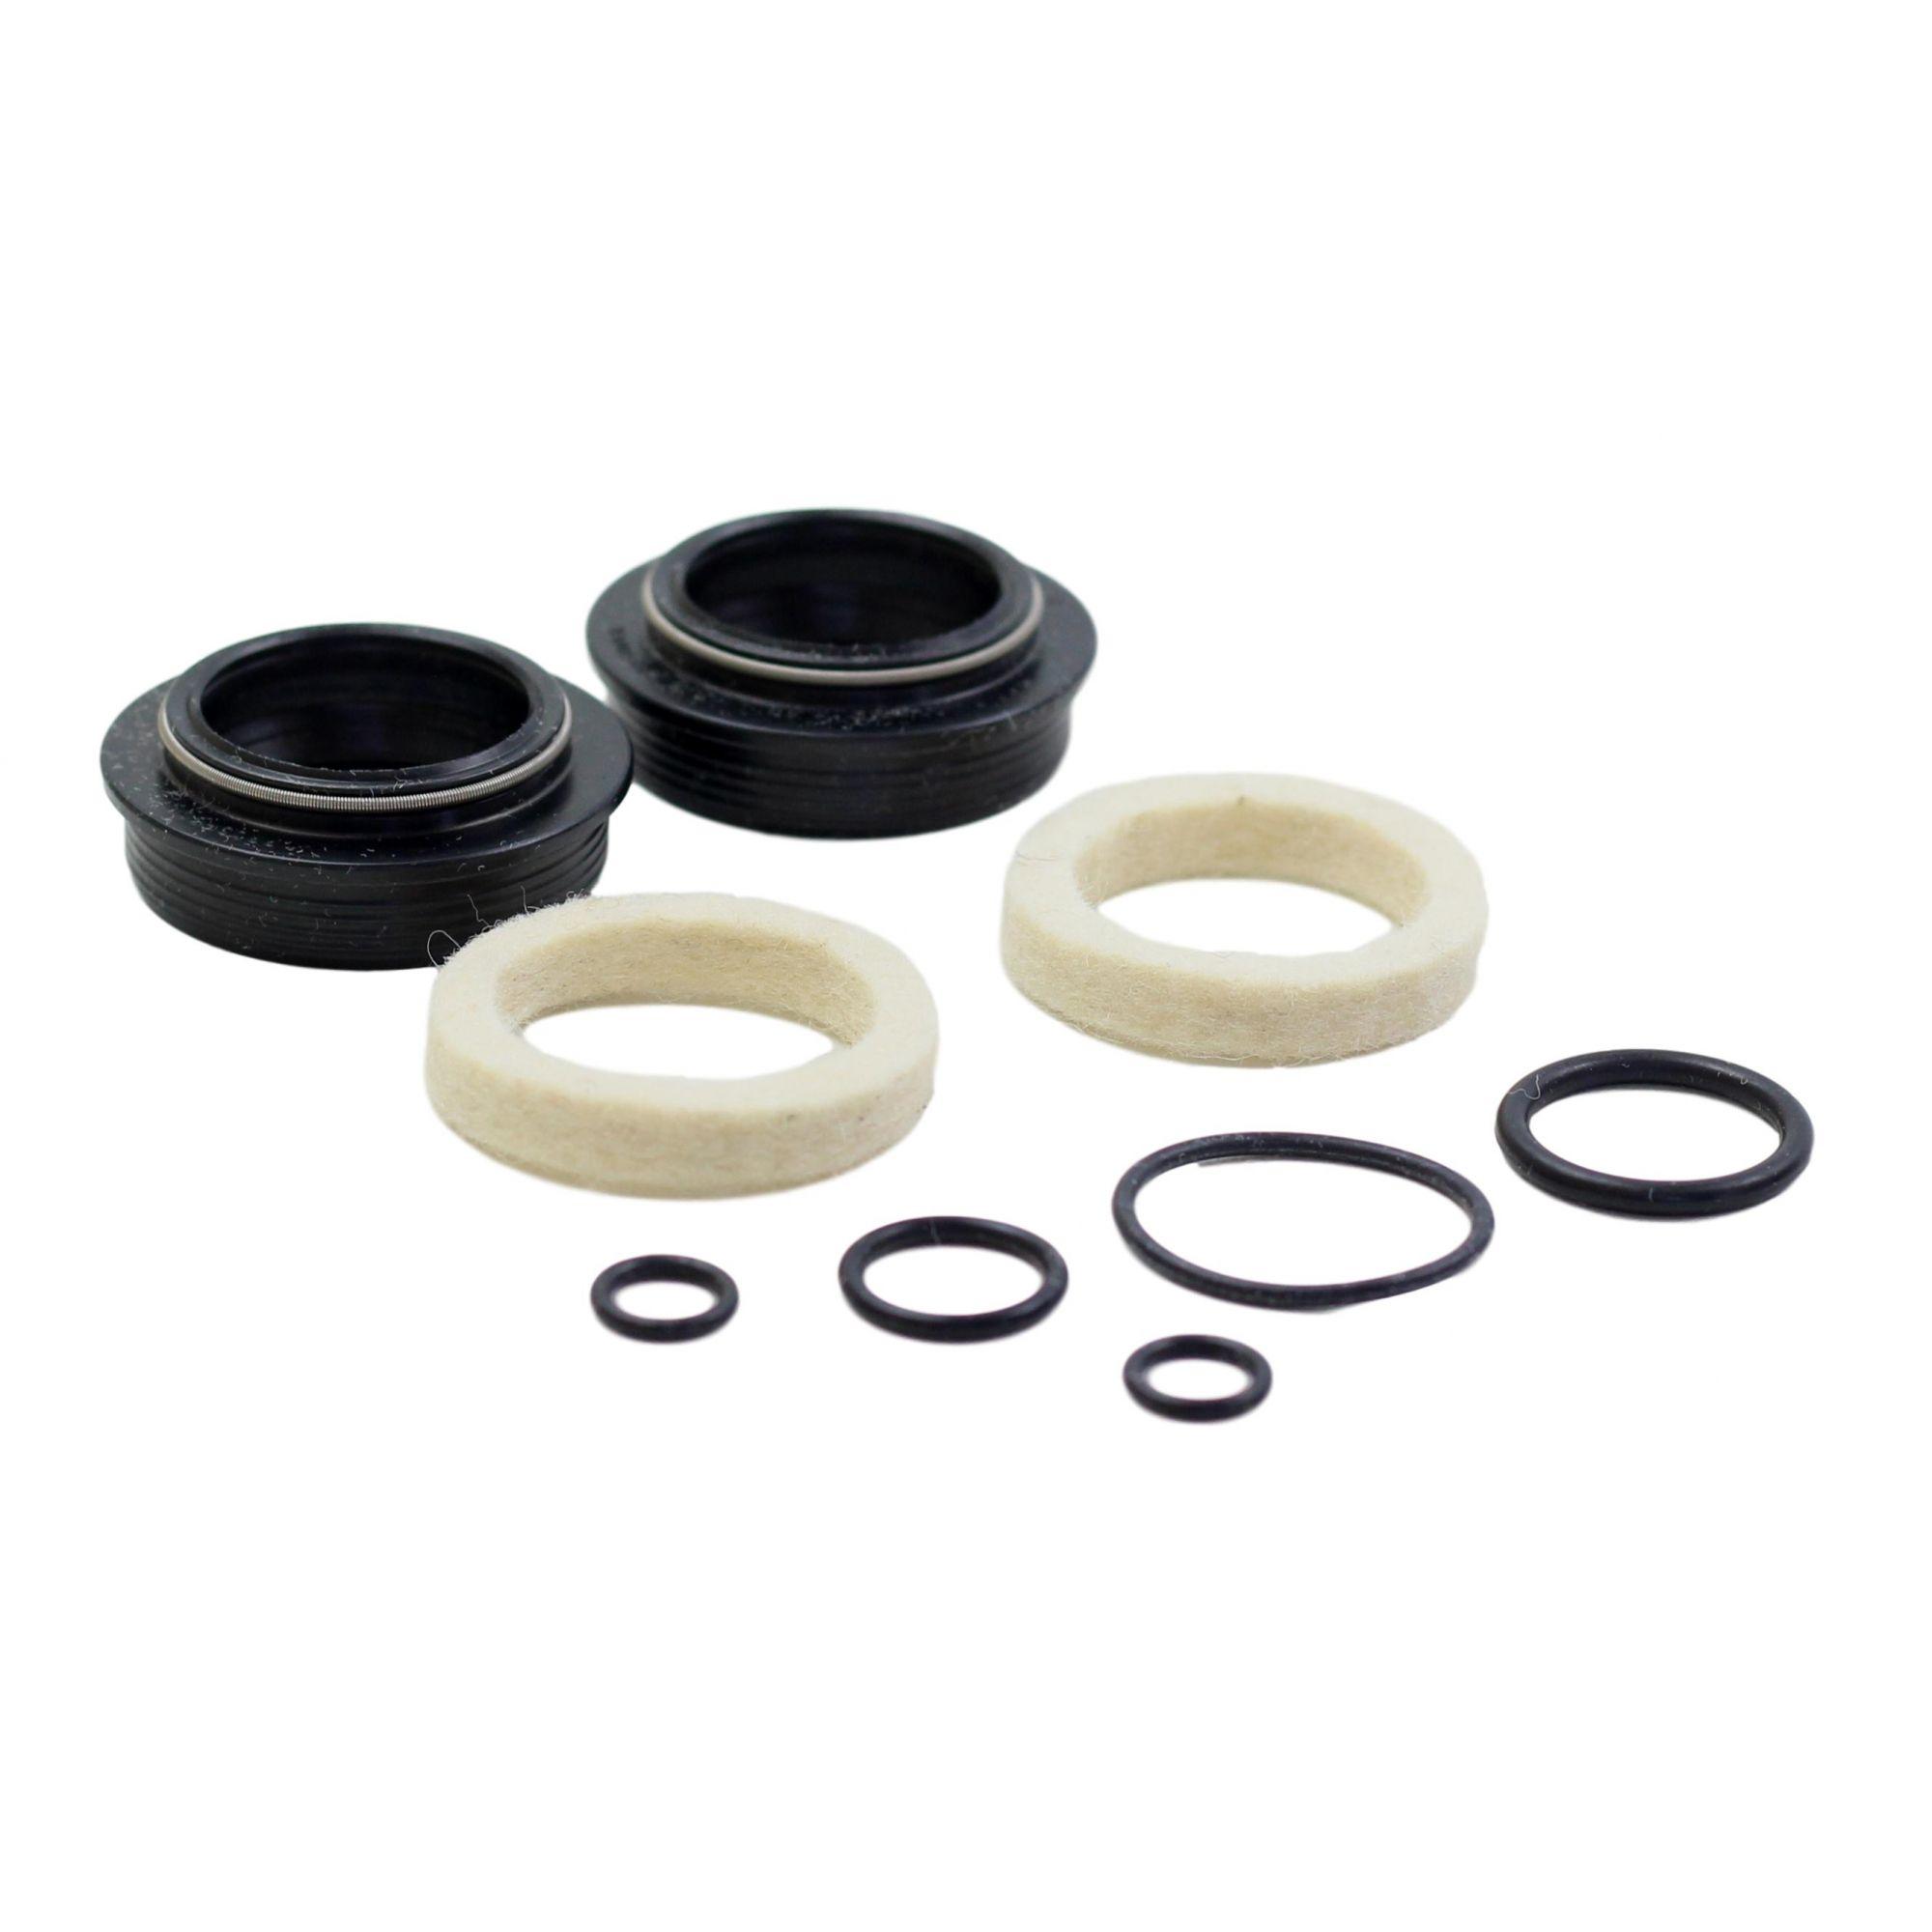 Kit De Retentores Proshock Vedação Basica Para Suspensões Onix Ultra 28mm